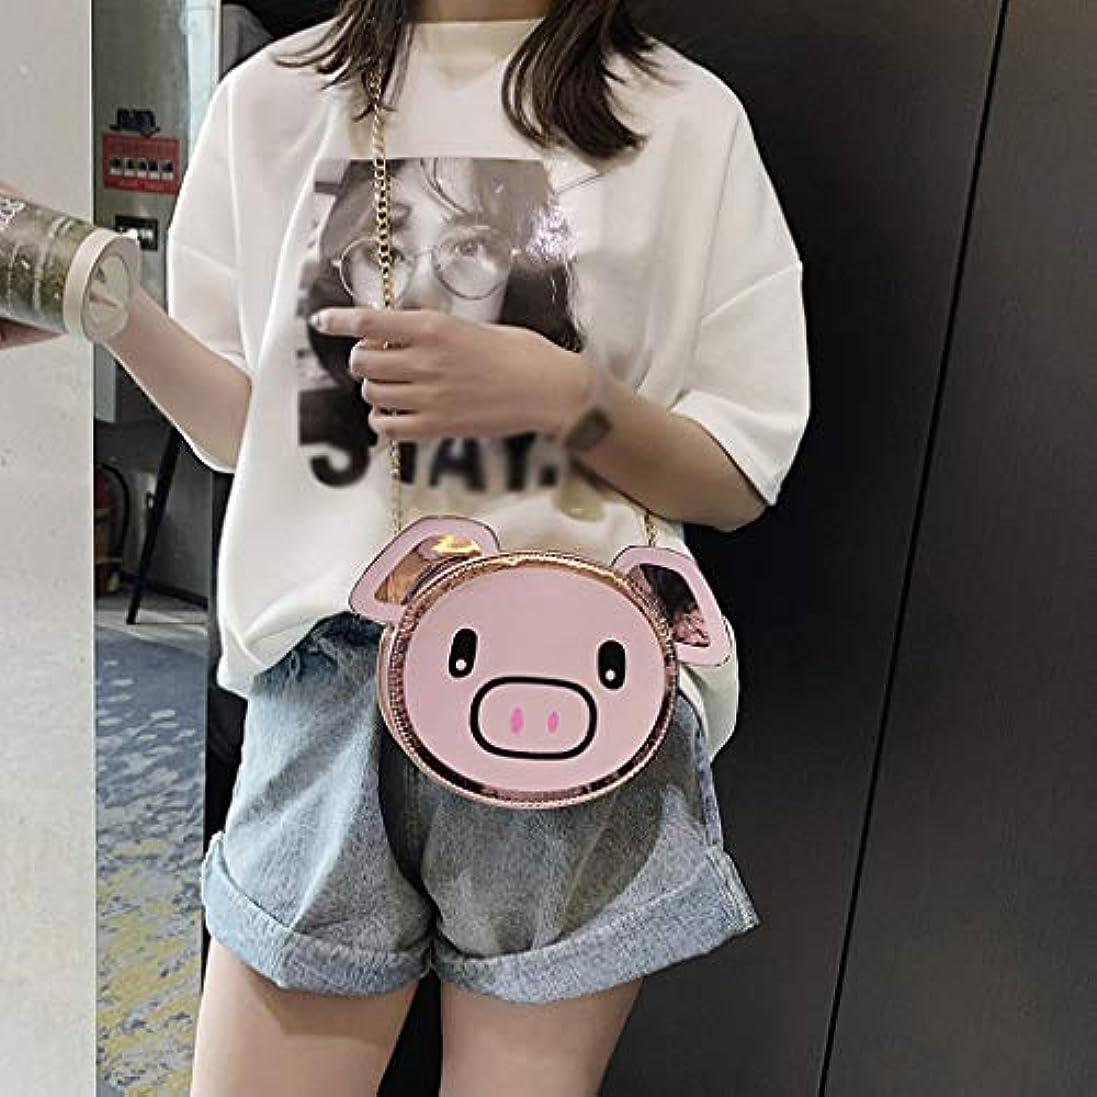 抽選一節それにもかかわらずファッション女の子革チェーン野生のかわいい漫画豚肩メッセンジャーバッグ、女の子チェーン野生のかわいい豚肩メッセンジャーバッグ (ピンク)